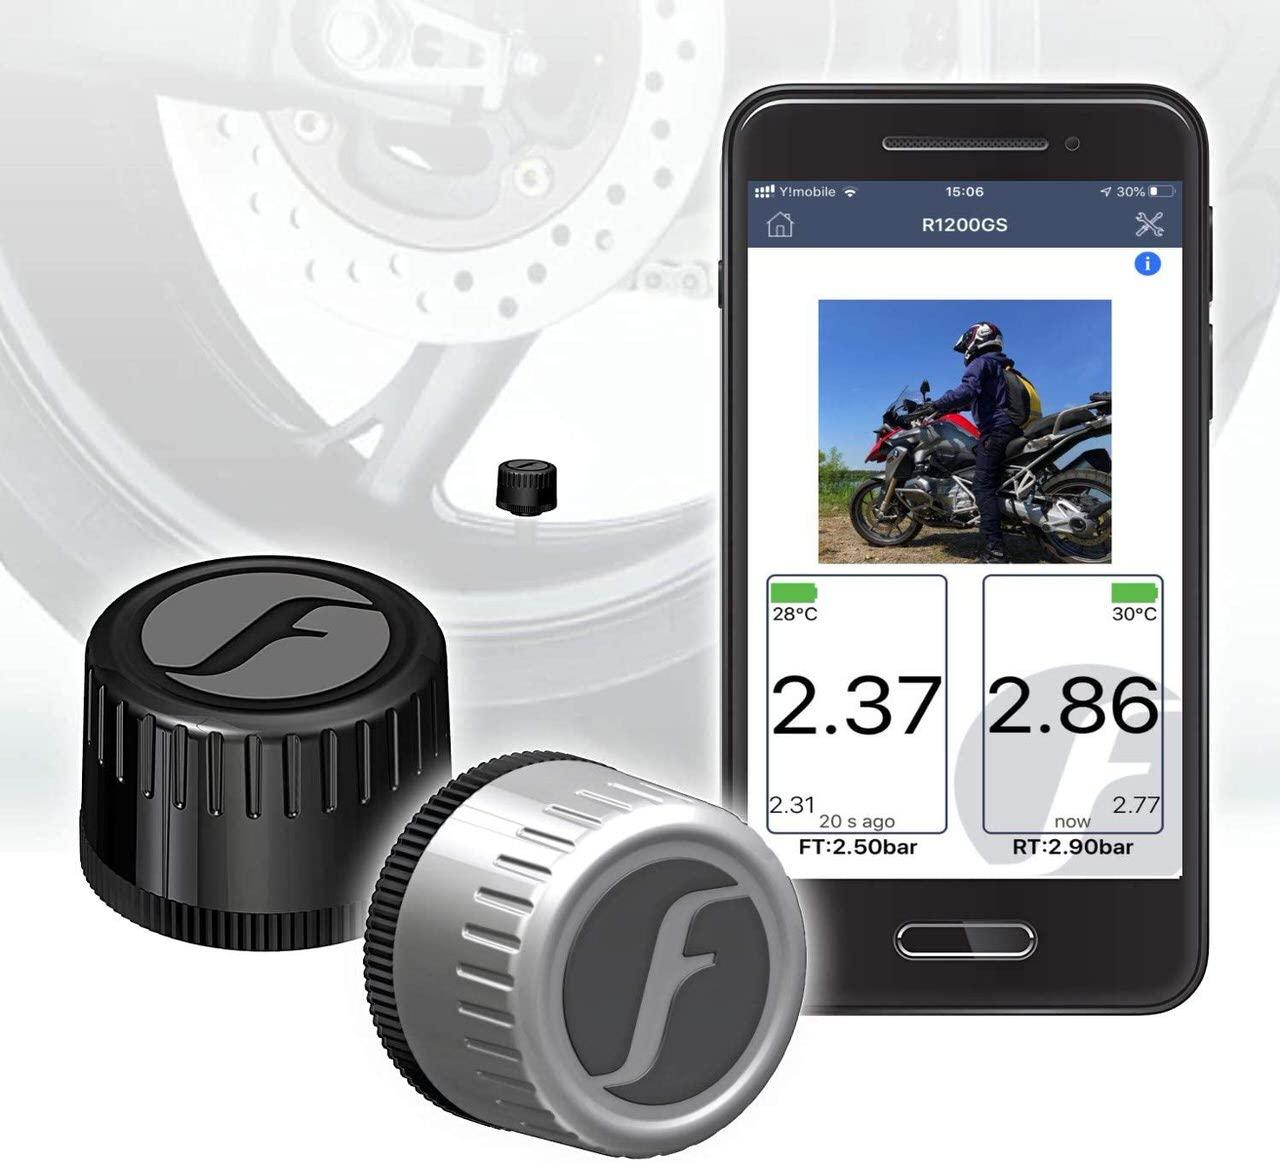 スマホでバイクタイヤの空気圧をリアルタイムに管理できる「FOBO Bike 2」